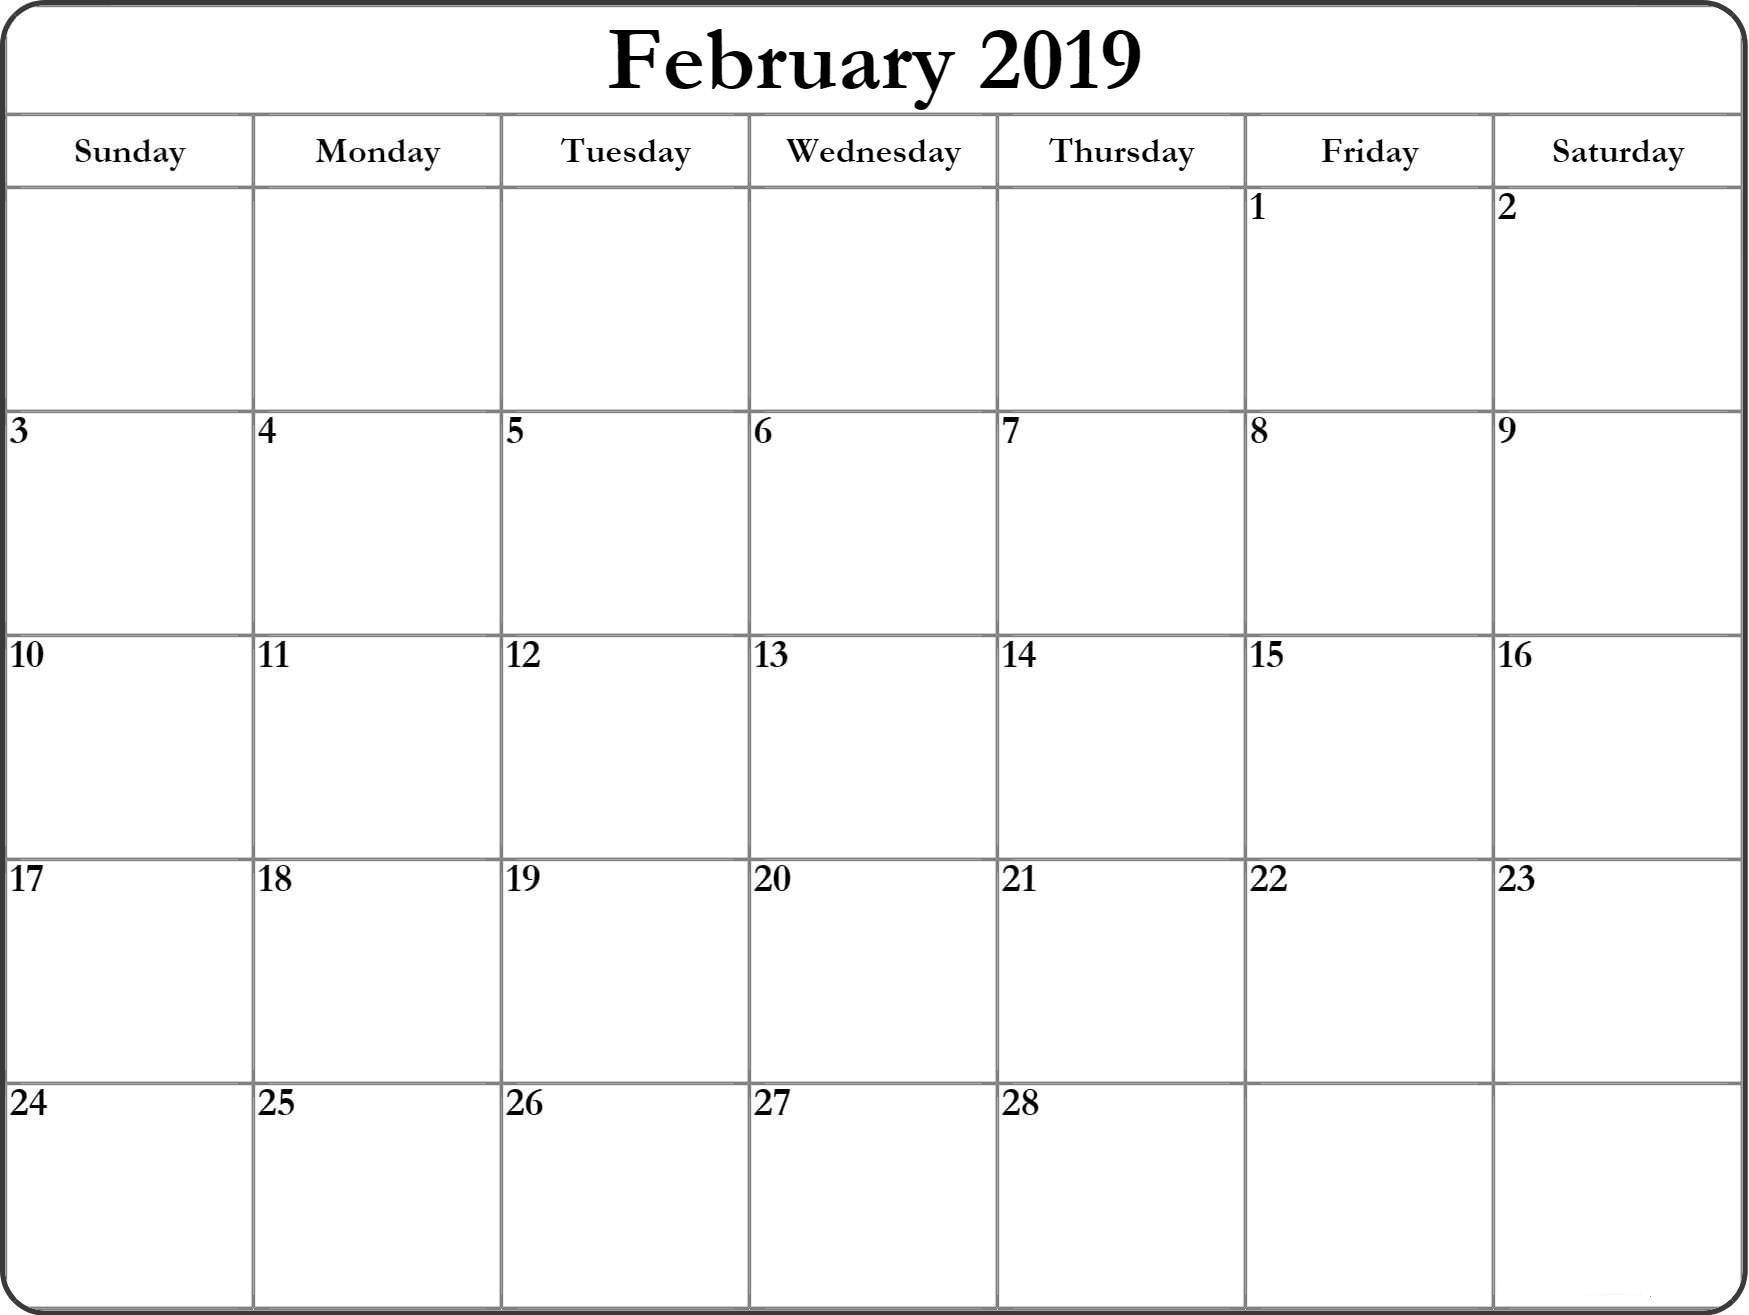 february 2019 printable calendar february 2019 calendar printable February 2019 Calendar erdferdf